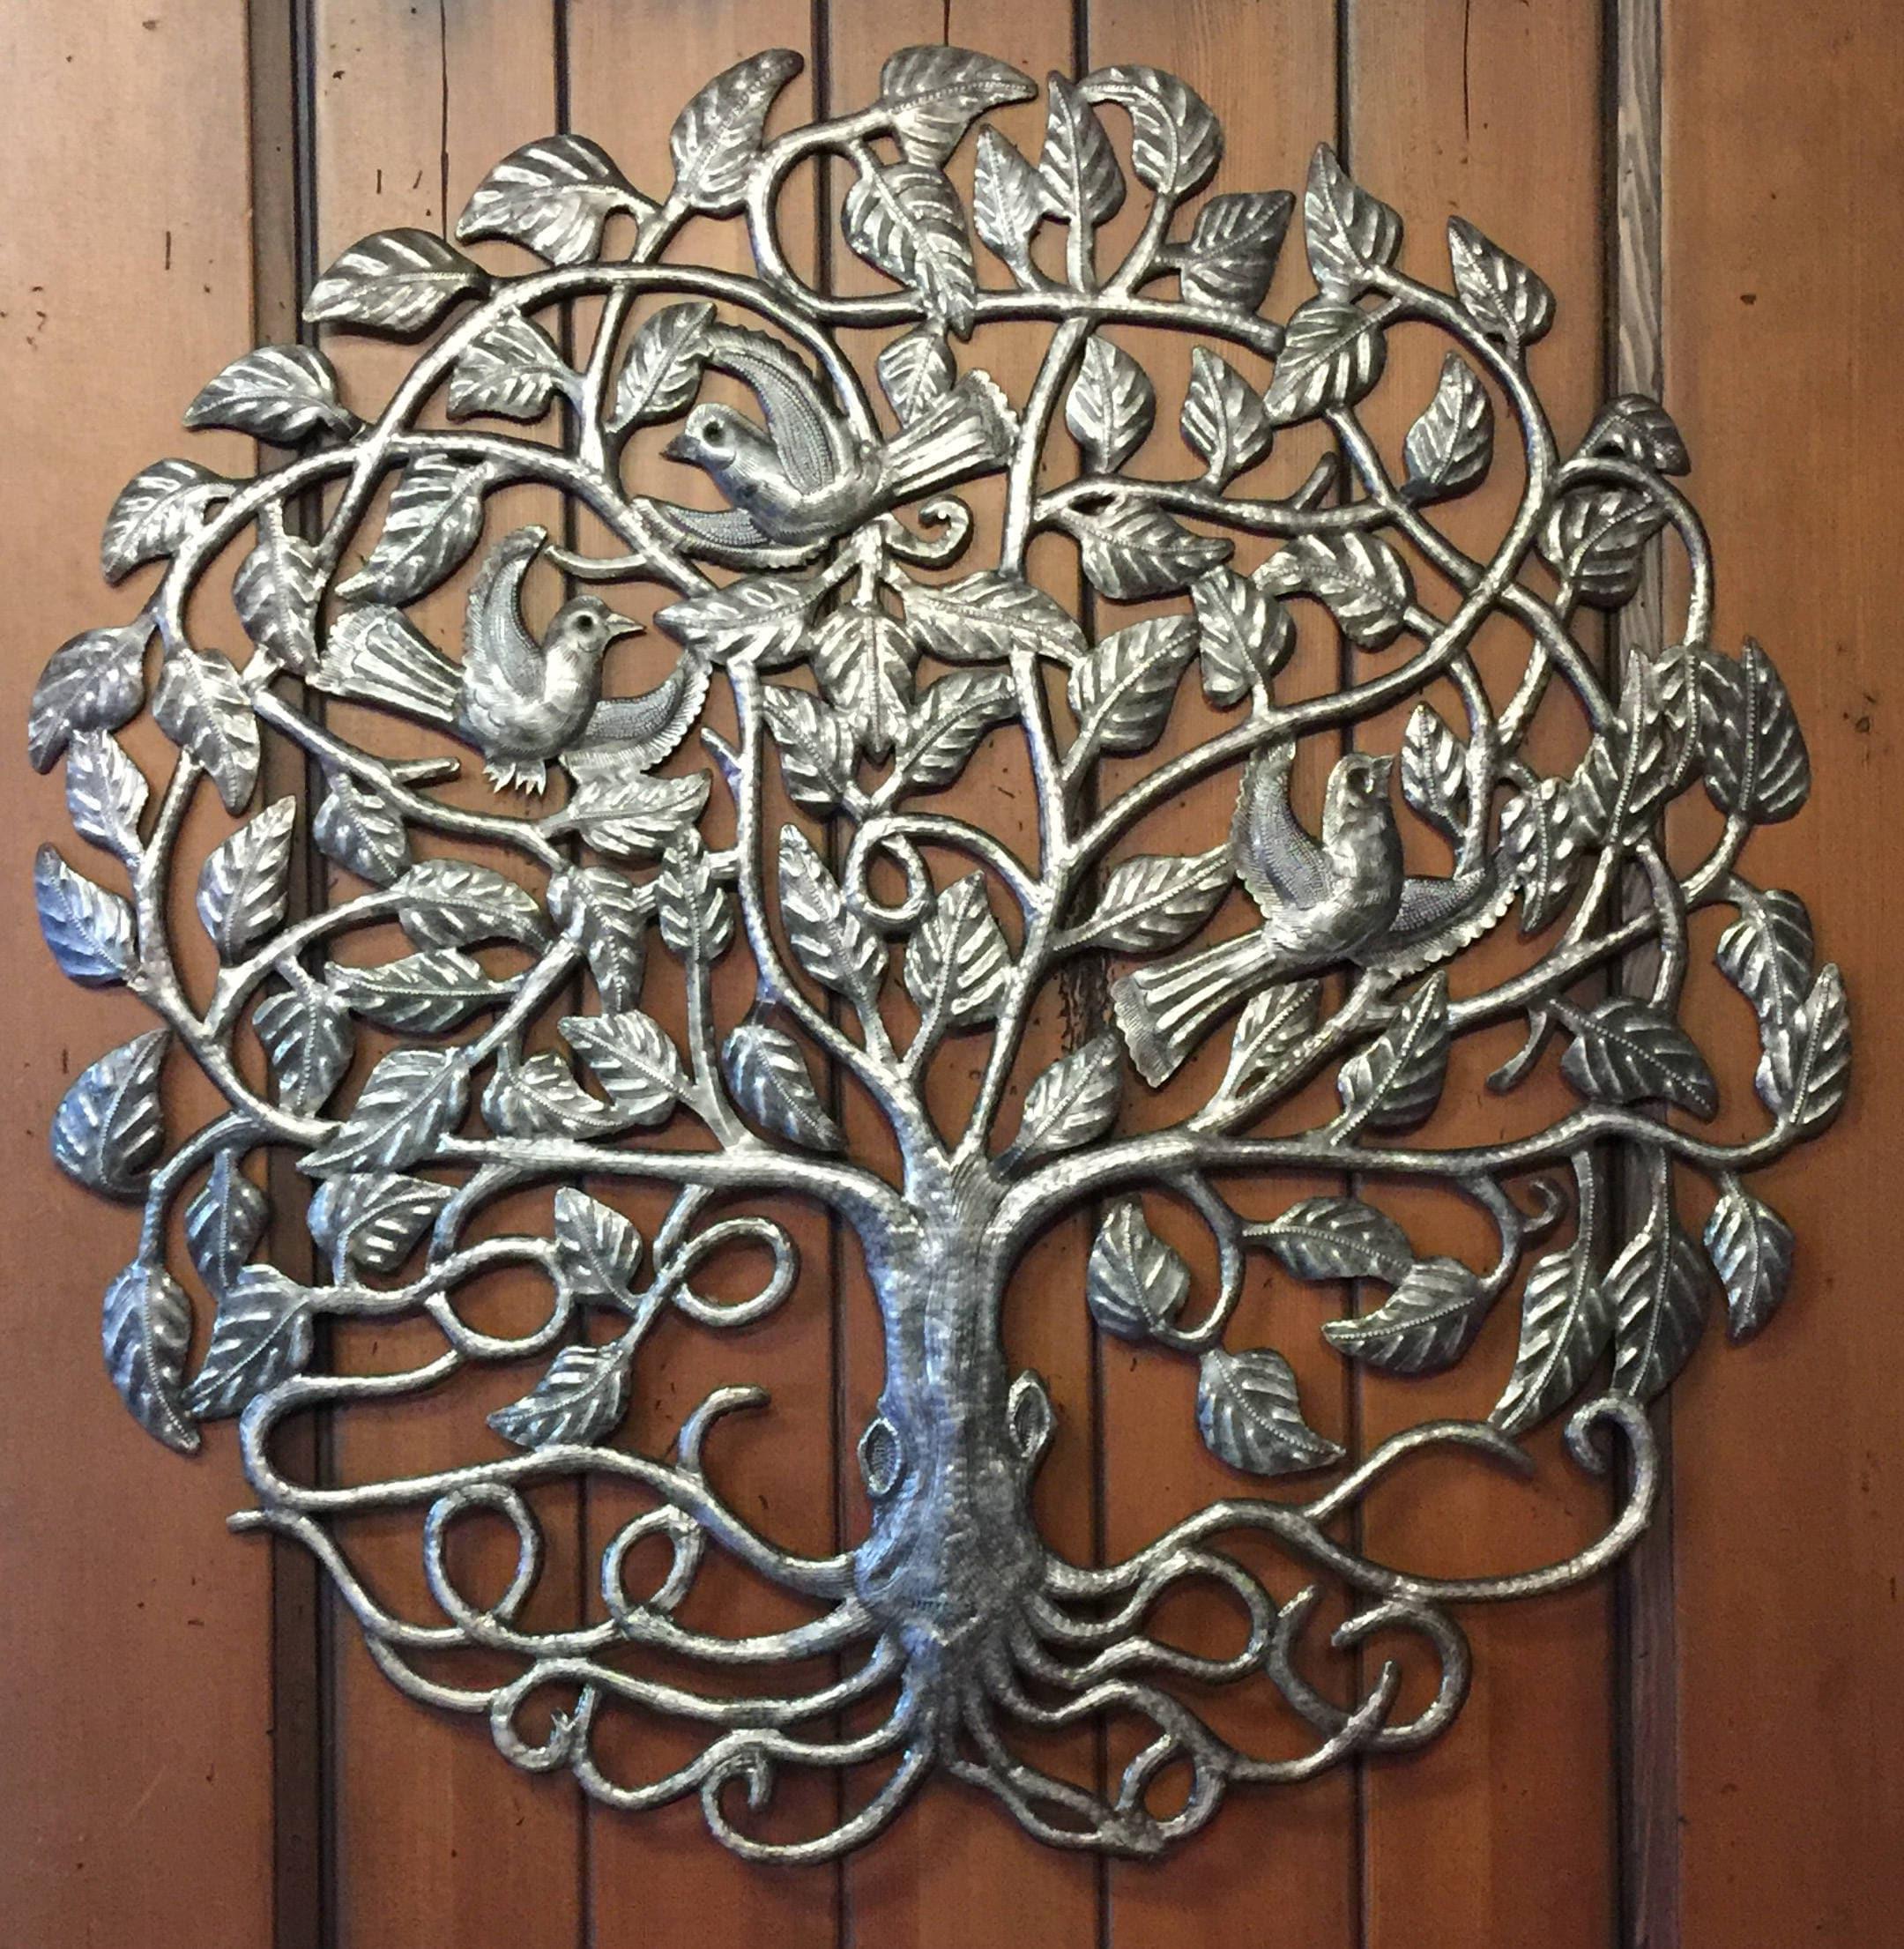 Large Tree of Life by Julio Balan Metal Wall Art Fair trade